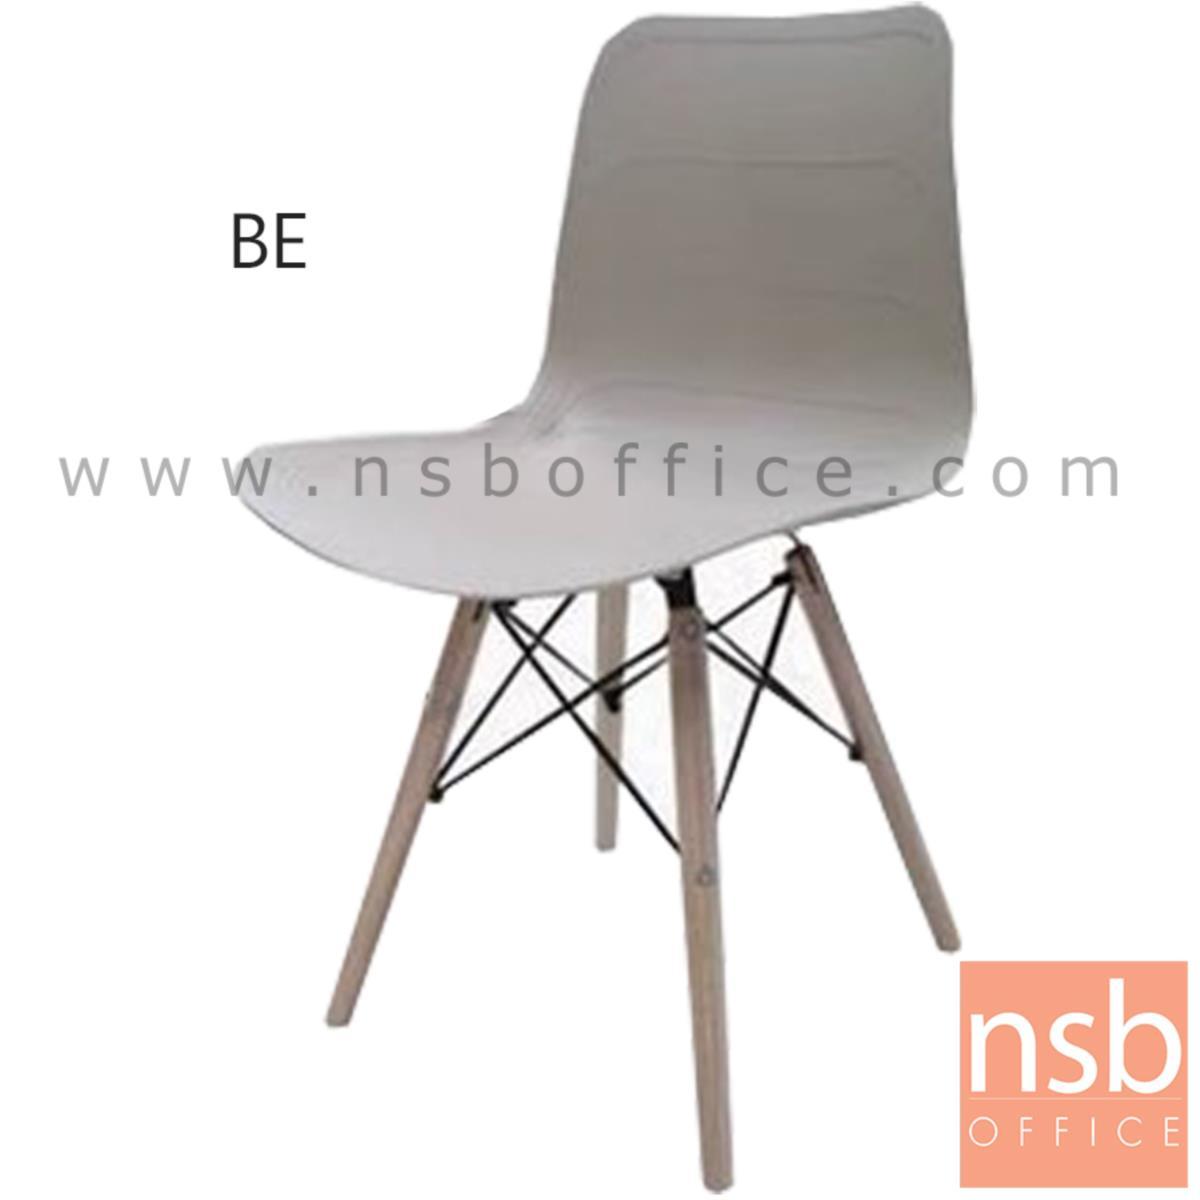 เก้าอี้โมเดิร์น รุ่น FOX (ฟอกซ์) ขนาด 45W cm. ขาไม้